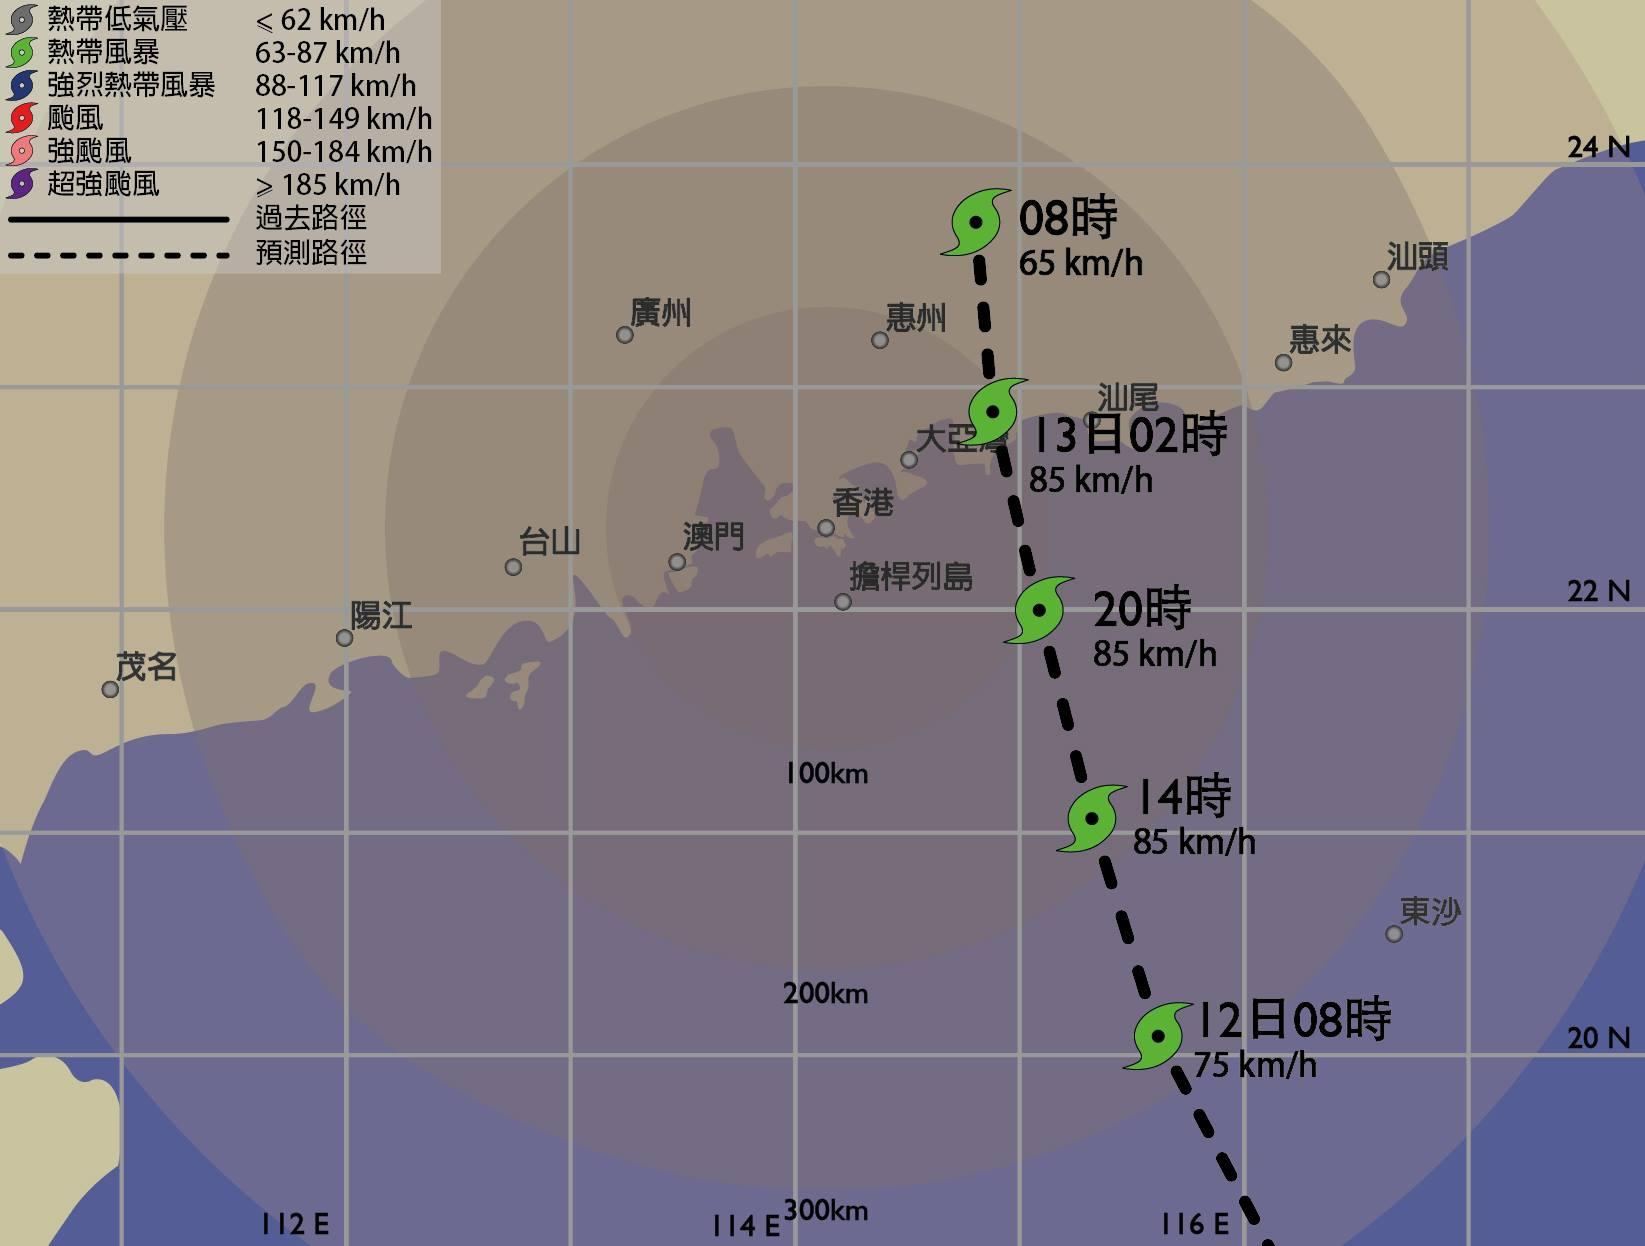 氣象台-南海北部熱帶氣旋苗柏報告(11/06)